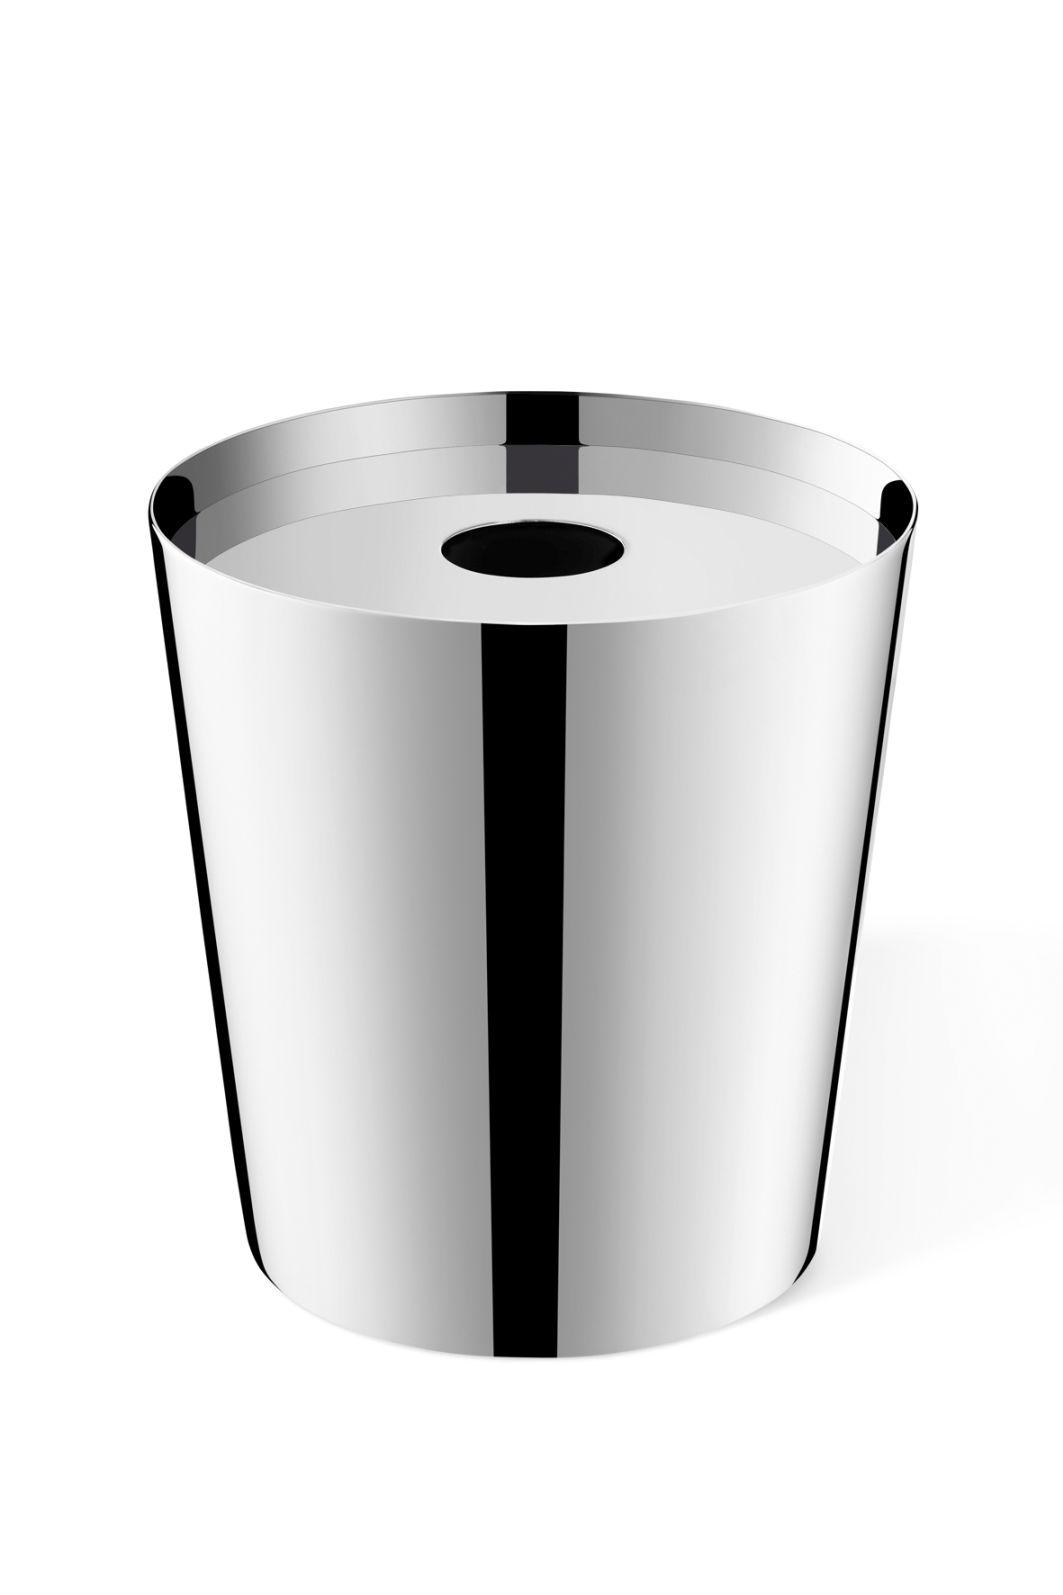 Nerezový pohárek s víčkem LYOS, vysoká - ZACK